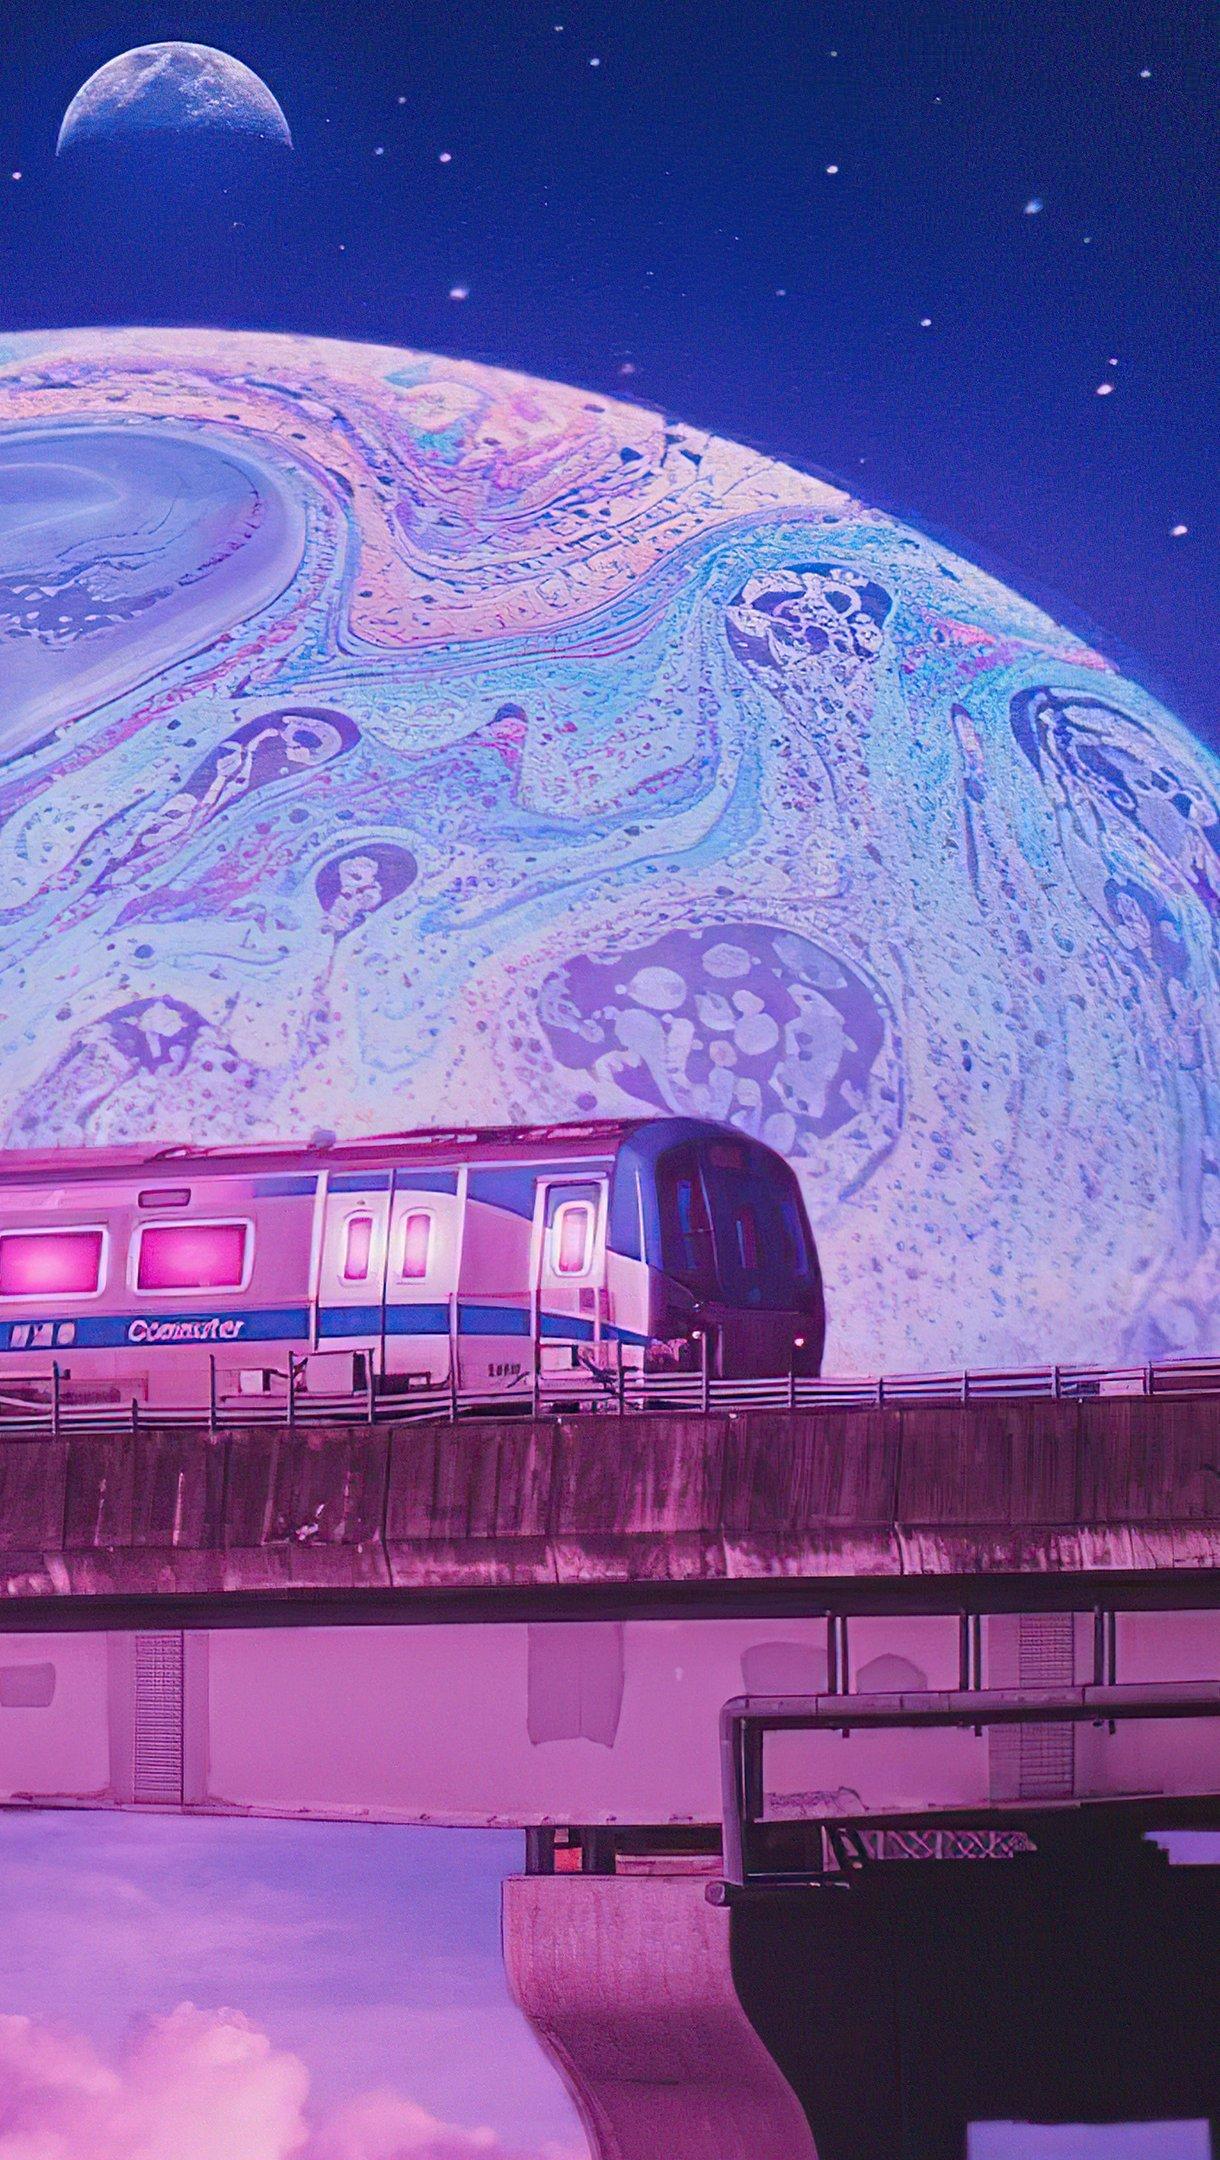 Fondos de pantalla Tren fuera de este planeta Vertical